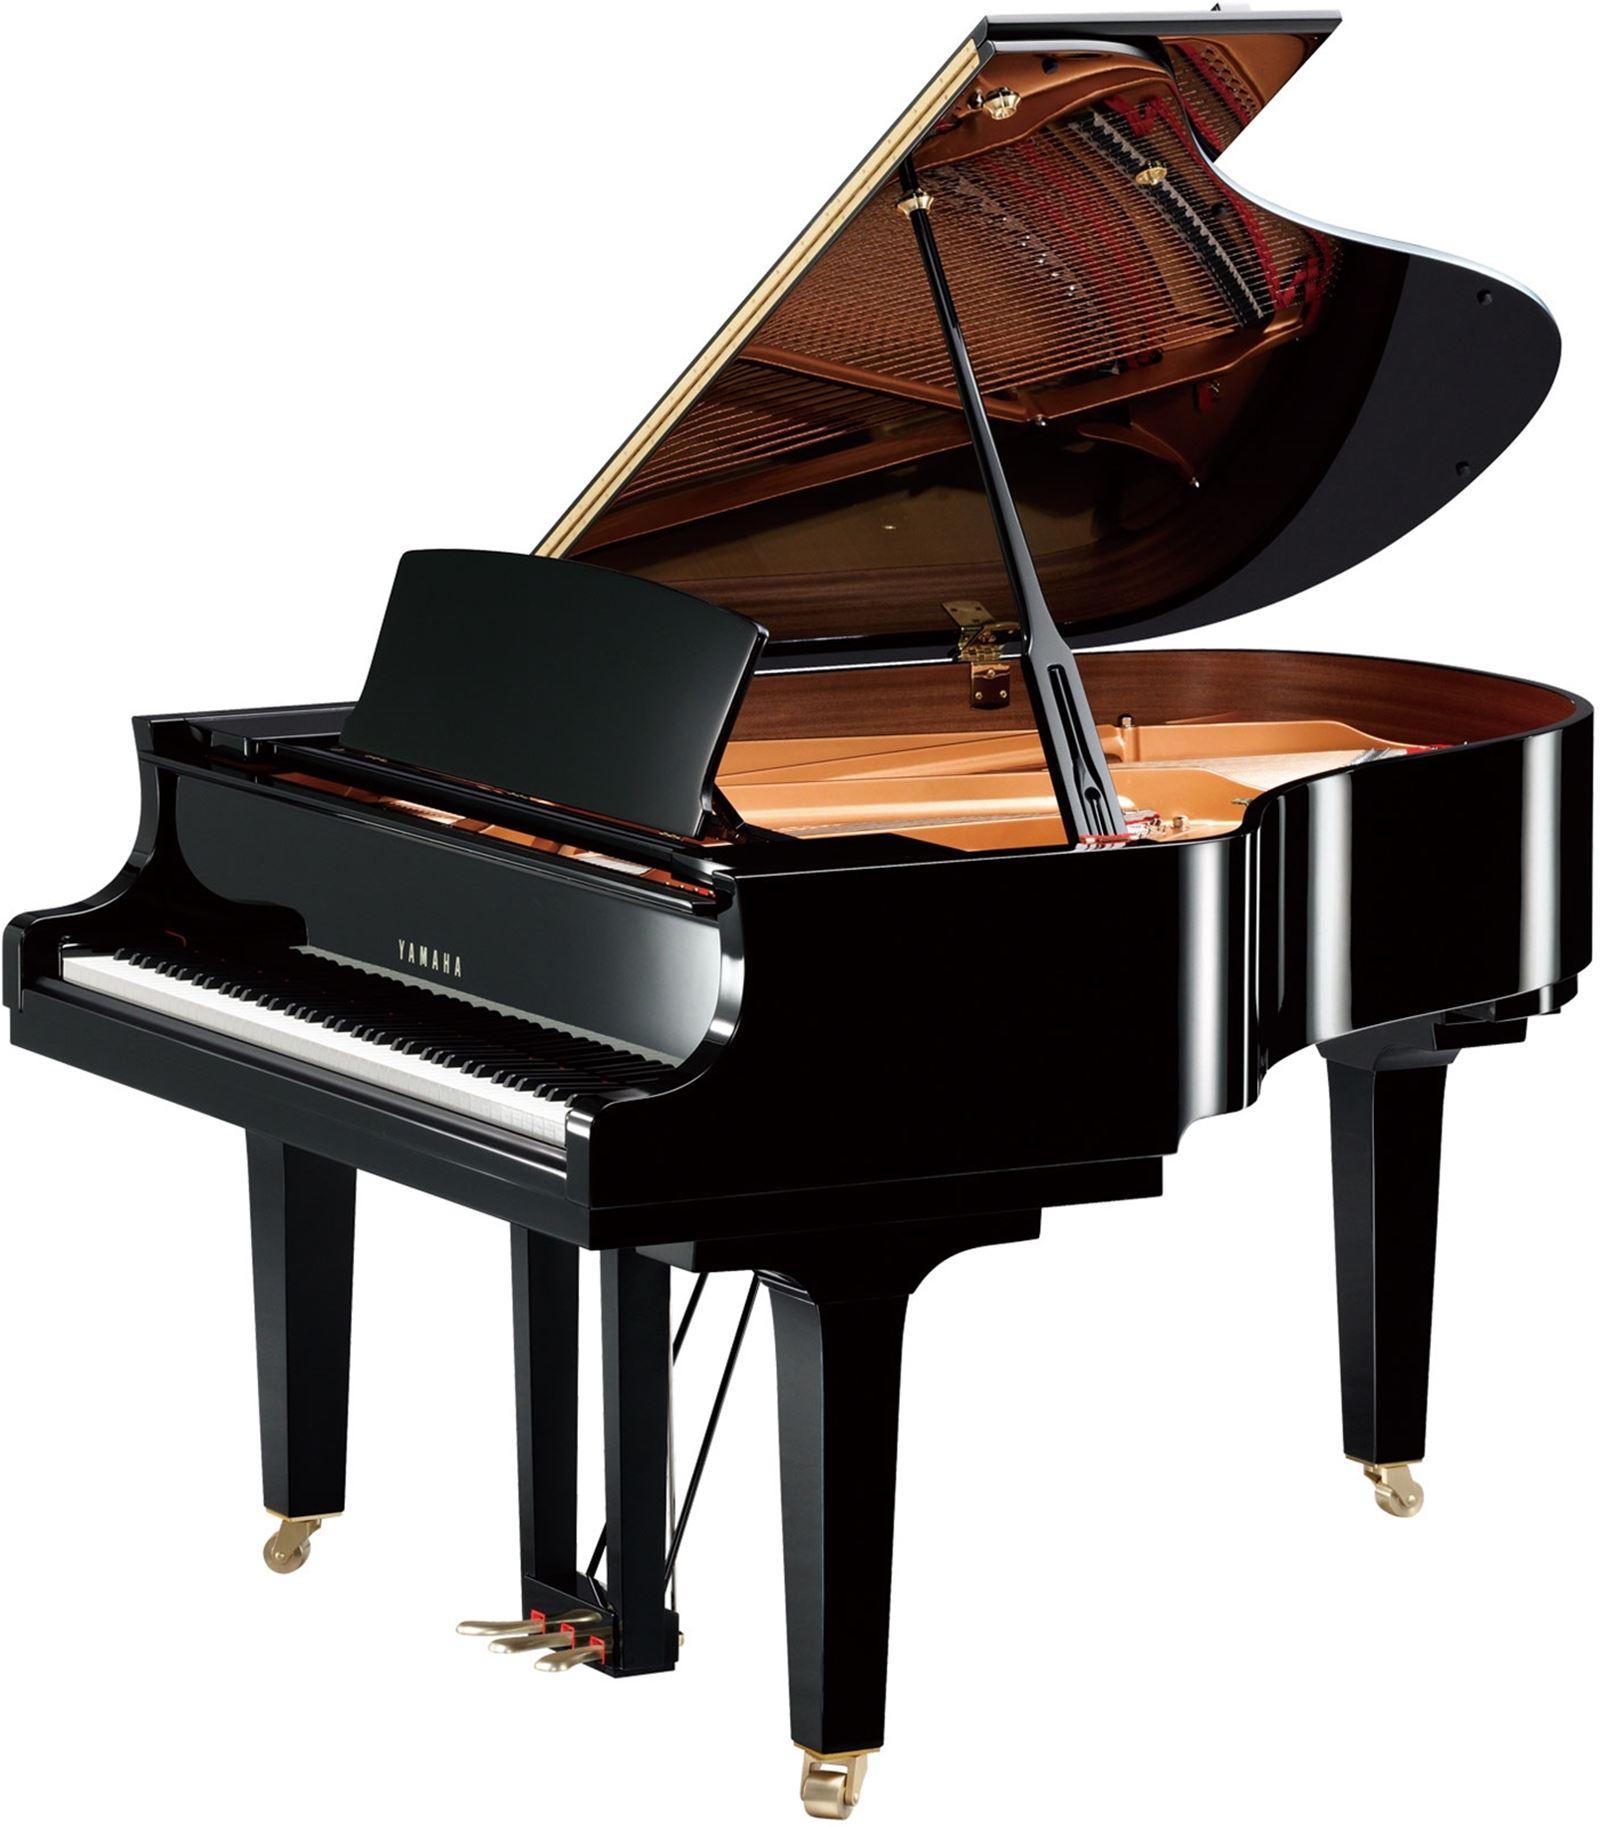 Hazen lanza oferta para piano de cola Yamaha en su tienda online